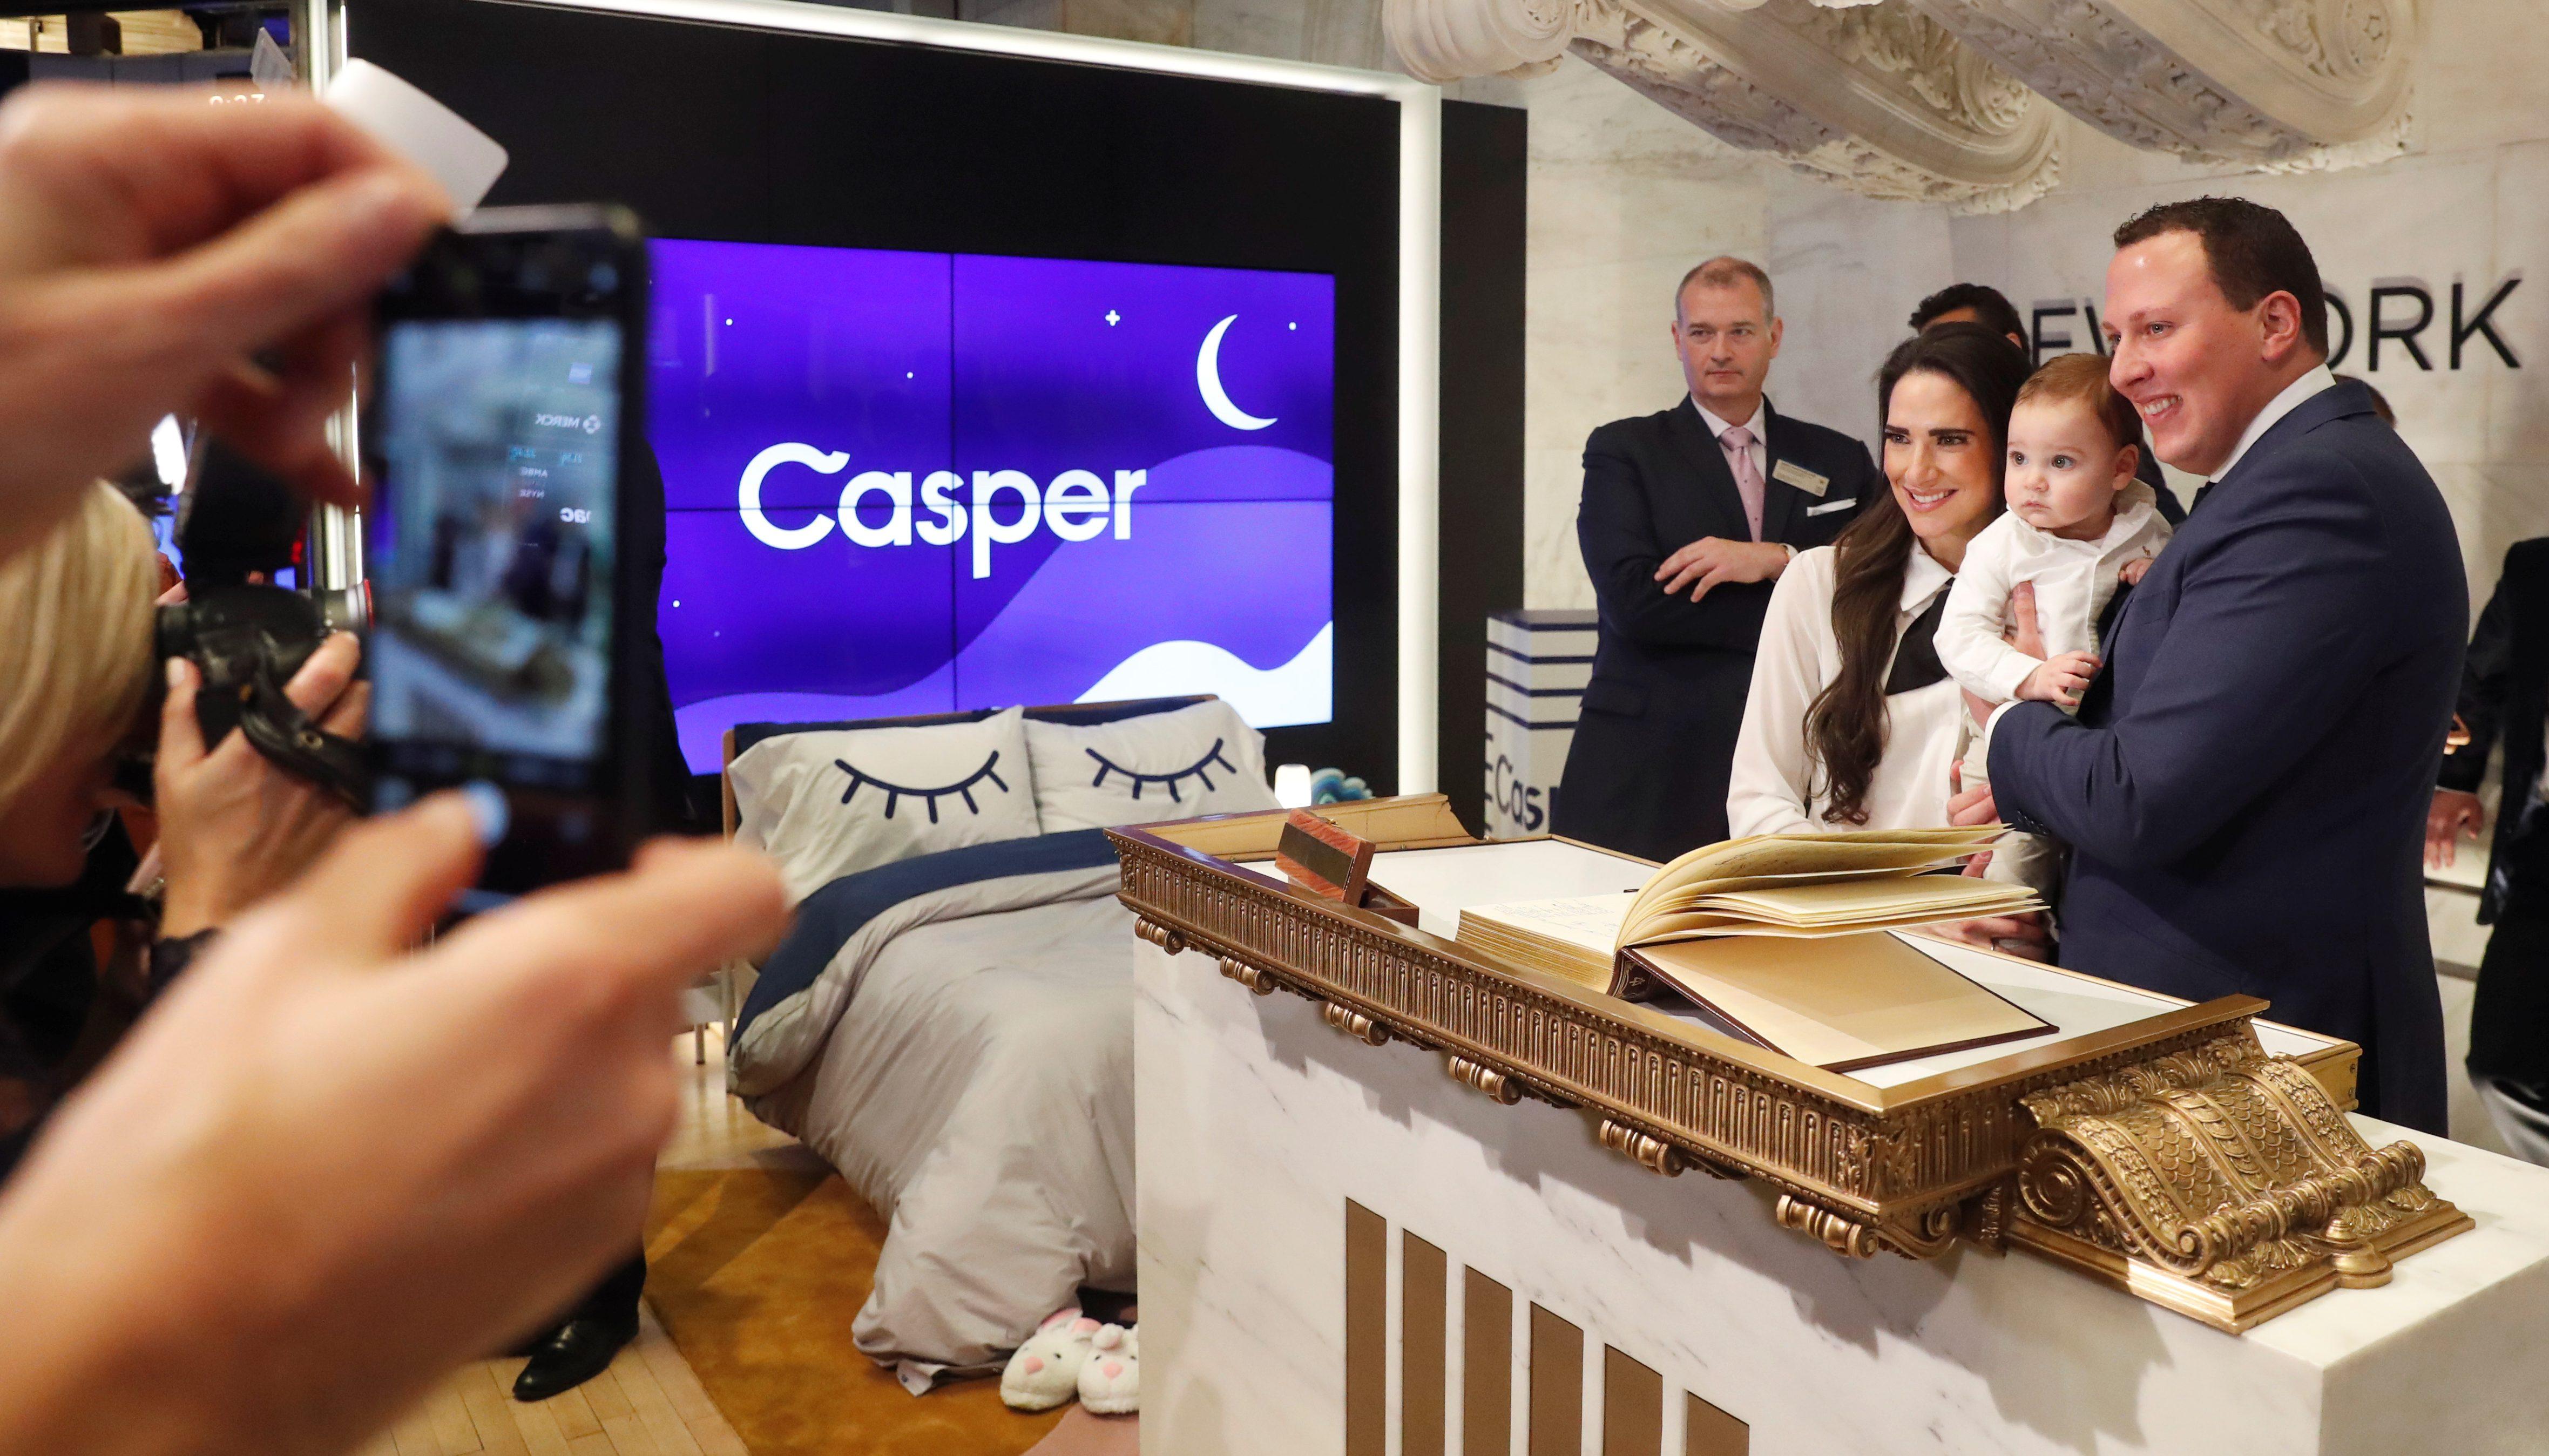 Casper's IPO